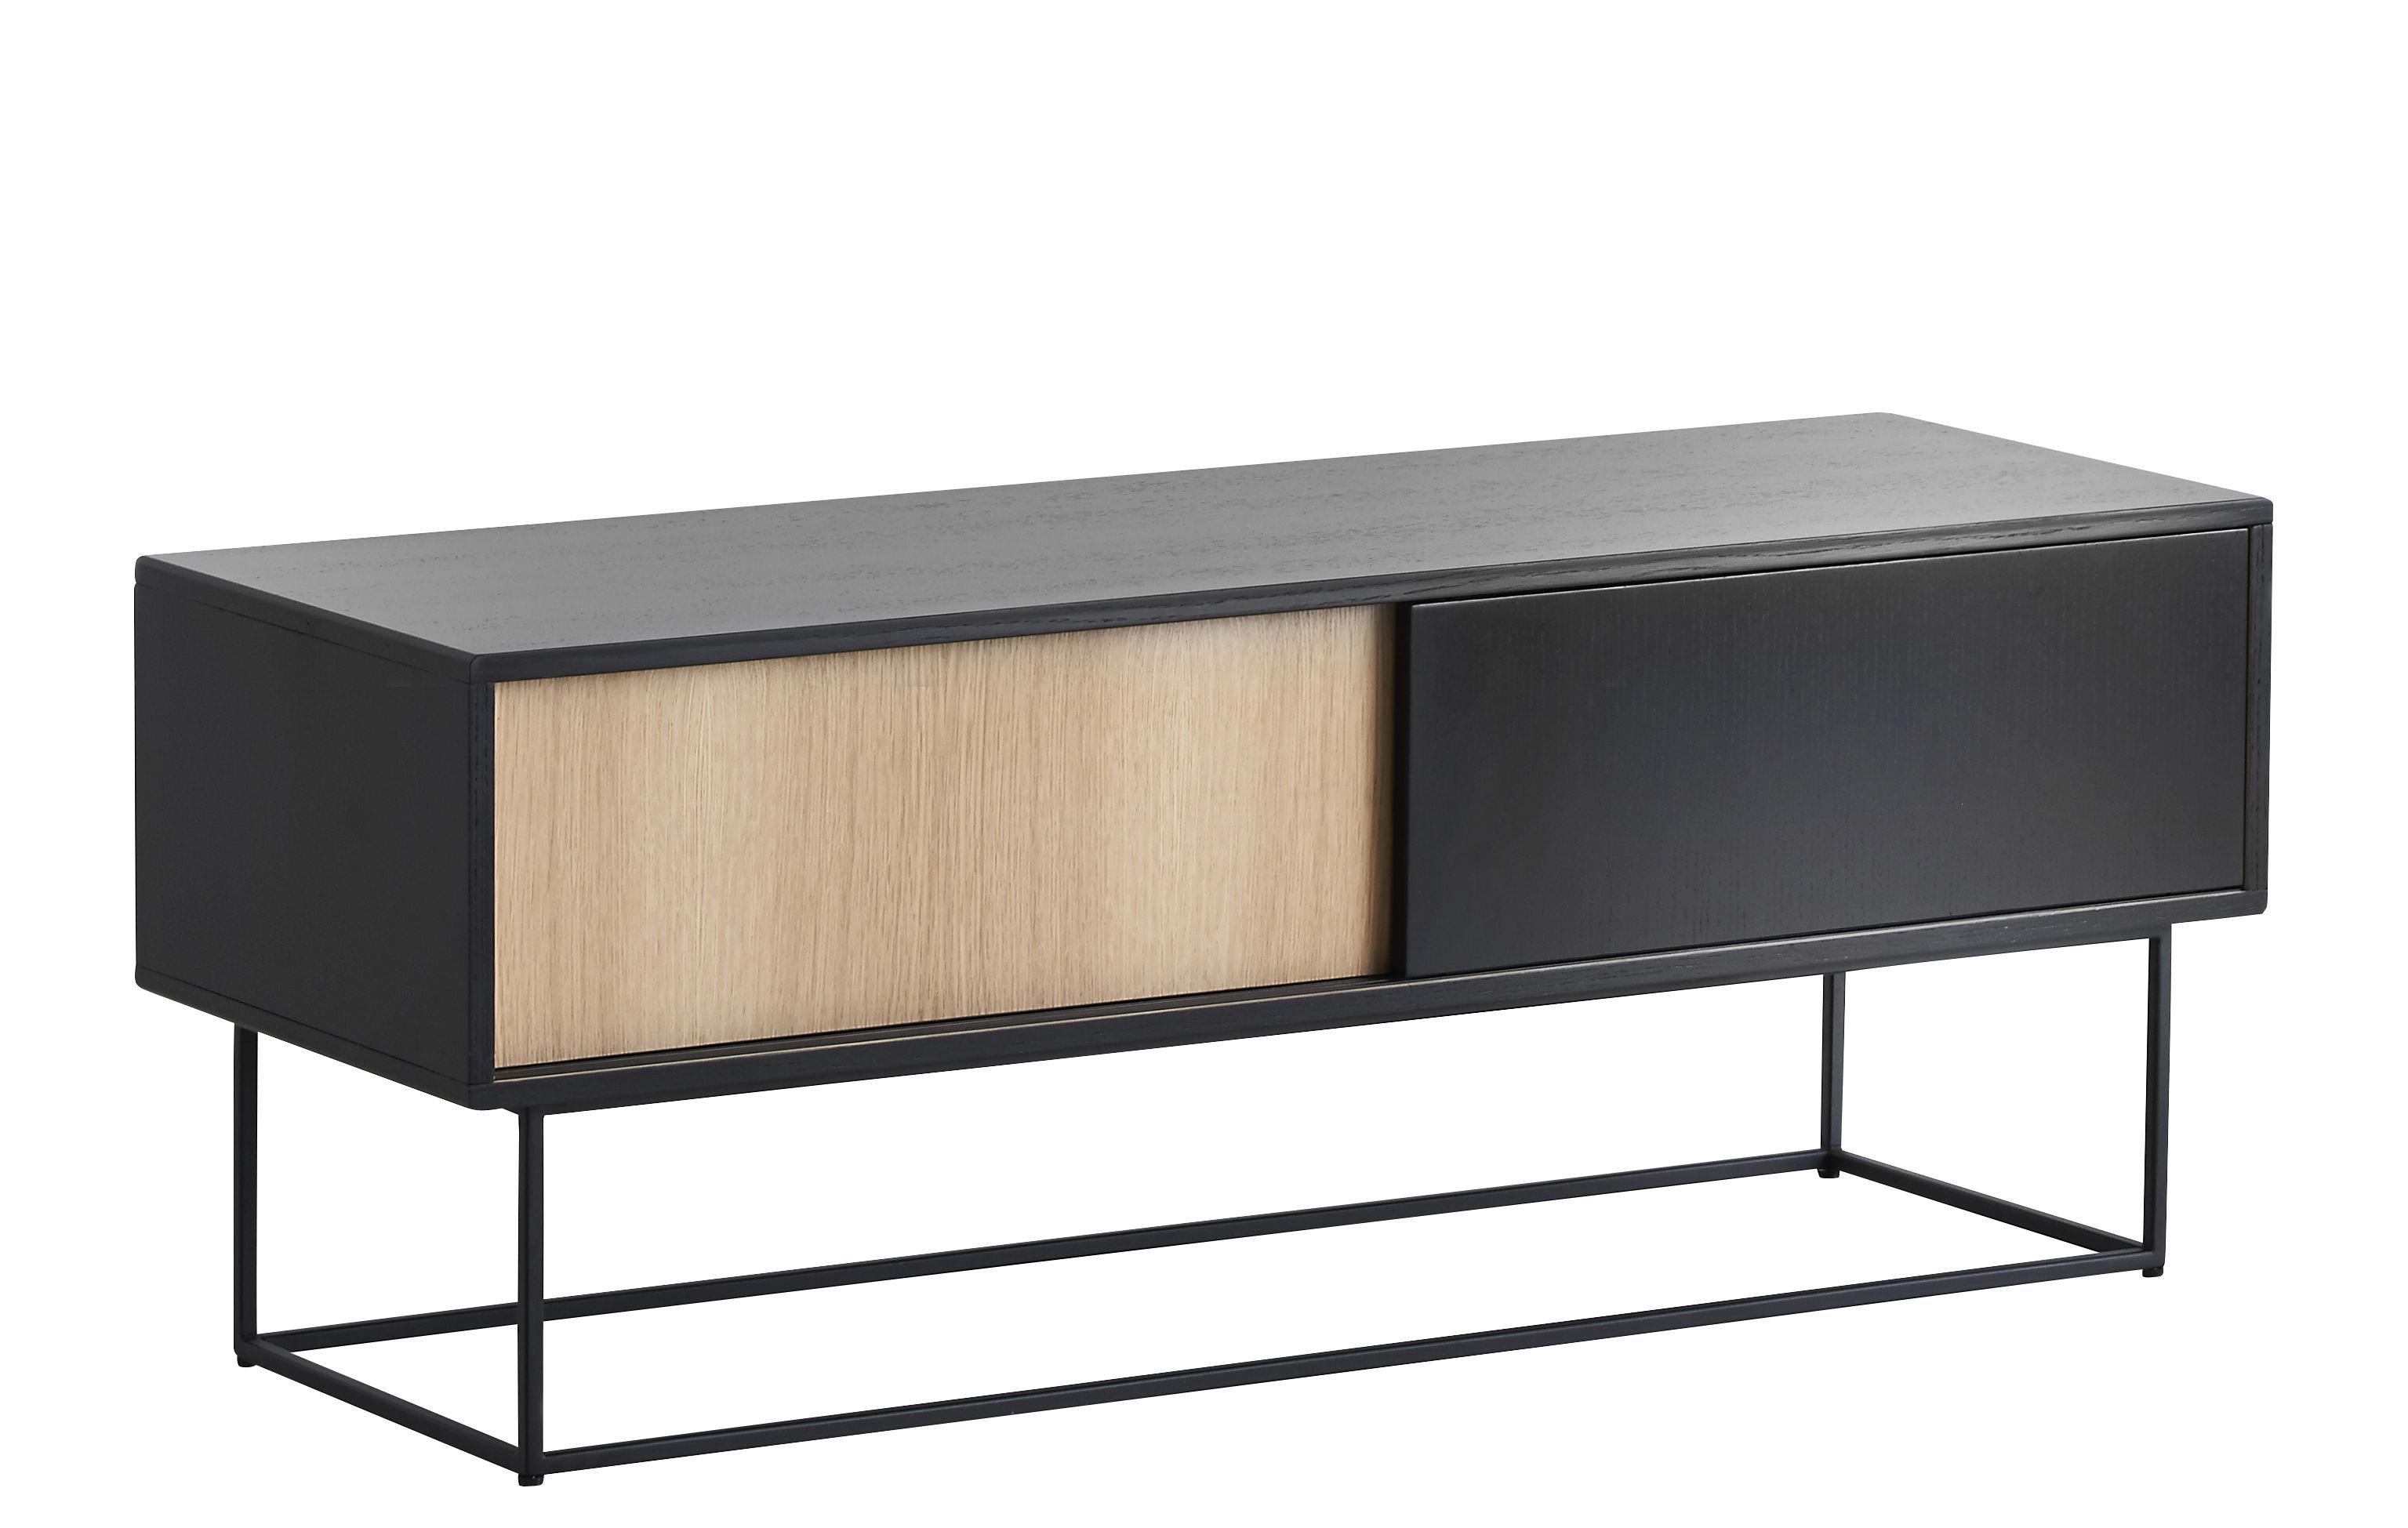 Mobilier - Commodes, buffets & armoires - Buffet Virka Low / Meuble TV - L 120 x H 47 cm - Woud - Bois naturel / Noir - Contreplaqué de chêne, Métal